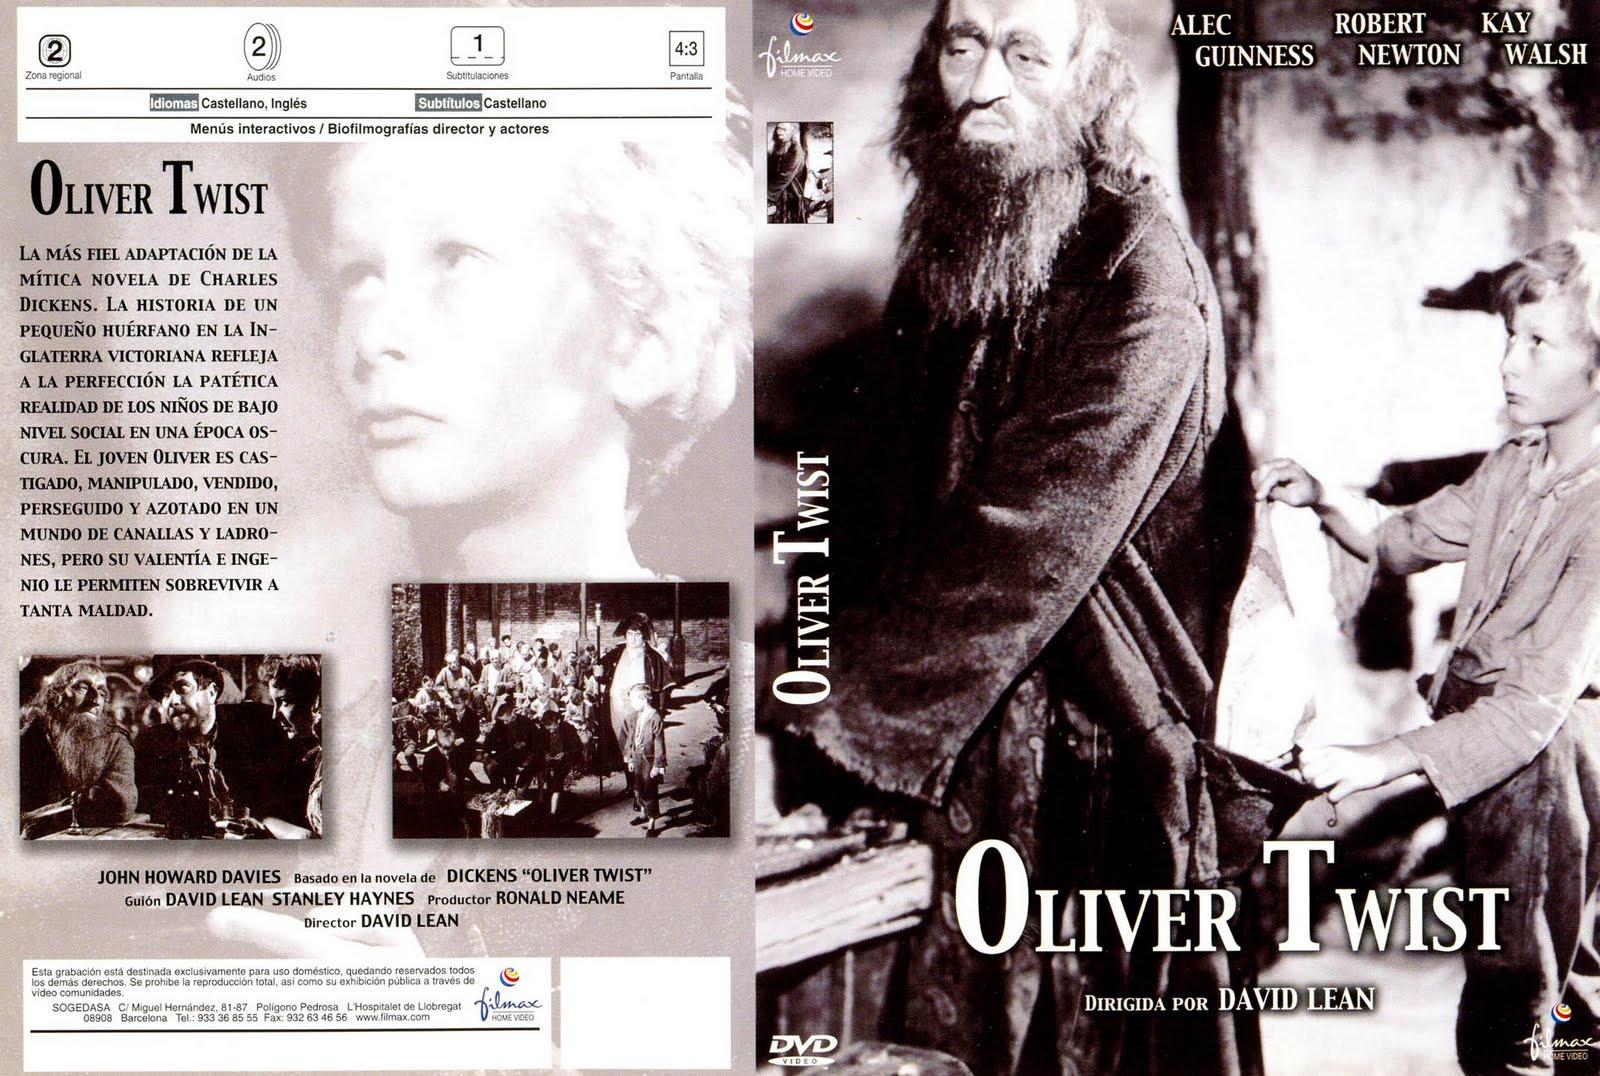 http://2.bp.blogspot.com/-yOLWyBhYzLI/Tg5zmeDklSI/AAAAAAAAAxs/S5daVJ7C2Yc/s1600/Oliver_Twist_CineClasicoConecta2.jpg